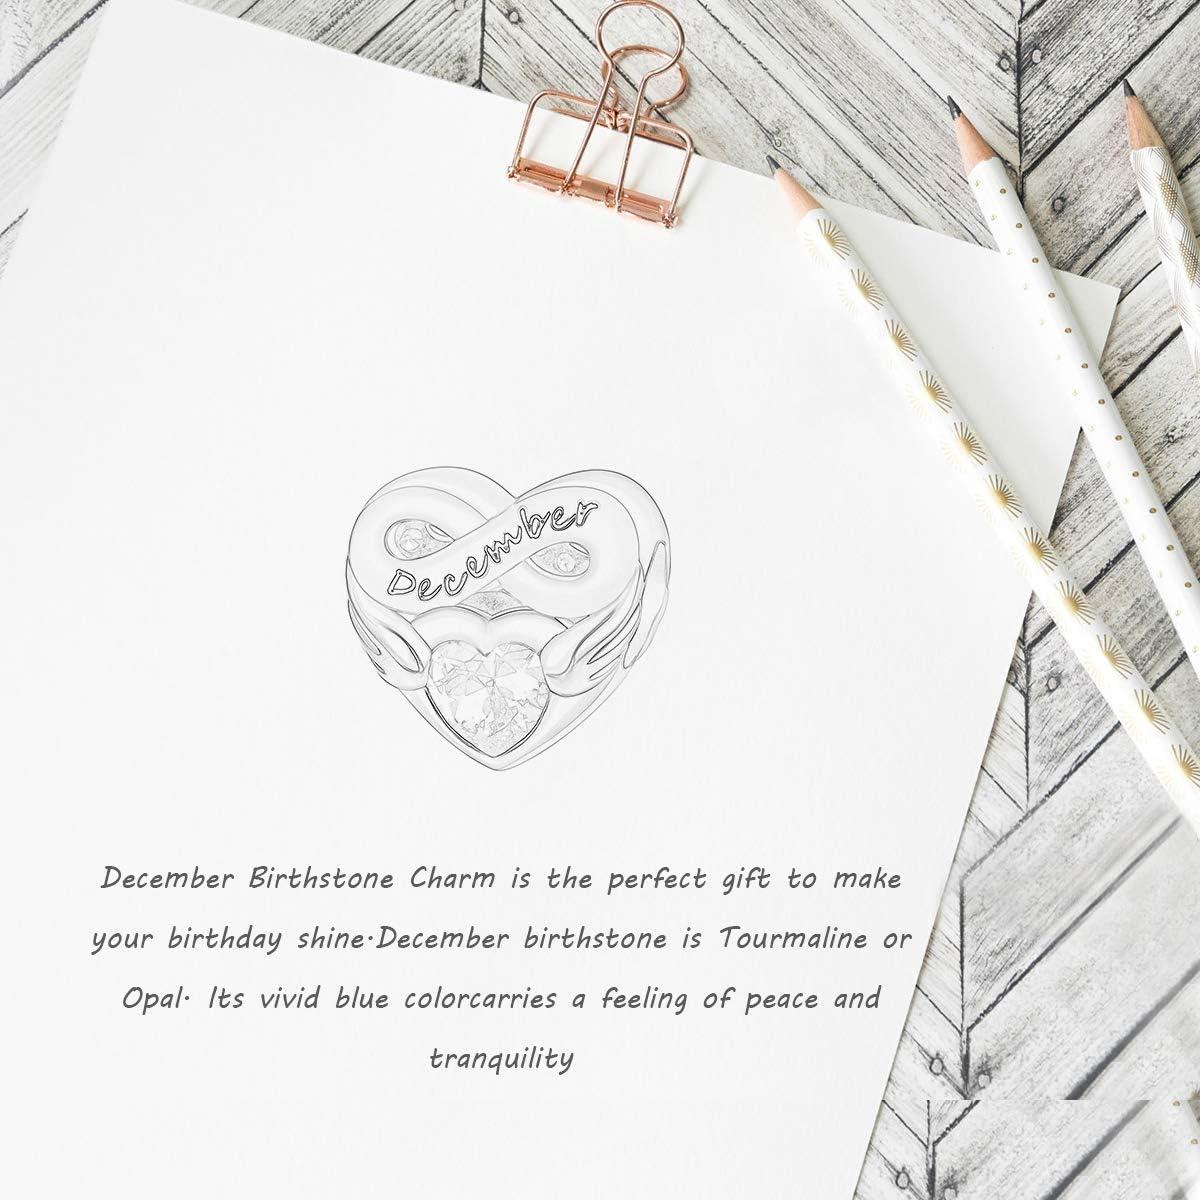 Geburtstagsgeschenk mit Schmuckschatulle FOREVER QUEEN Herz Geburtsstein Charm Bead f/ür Frauen 925 Sterling Silber Herz Charm Anh/änger f/ür Armband